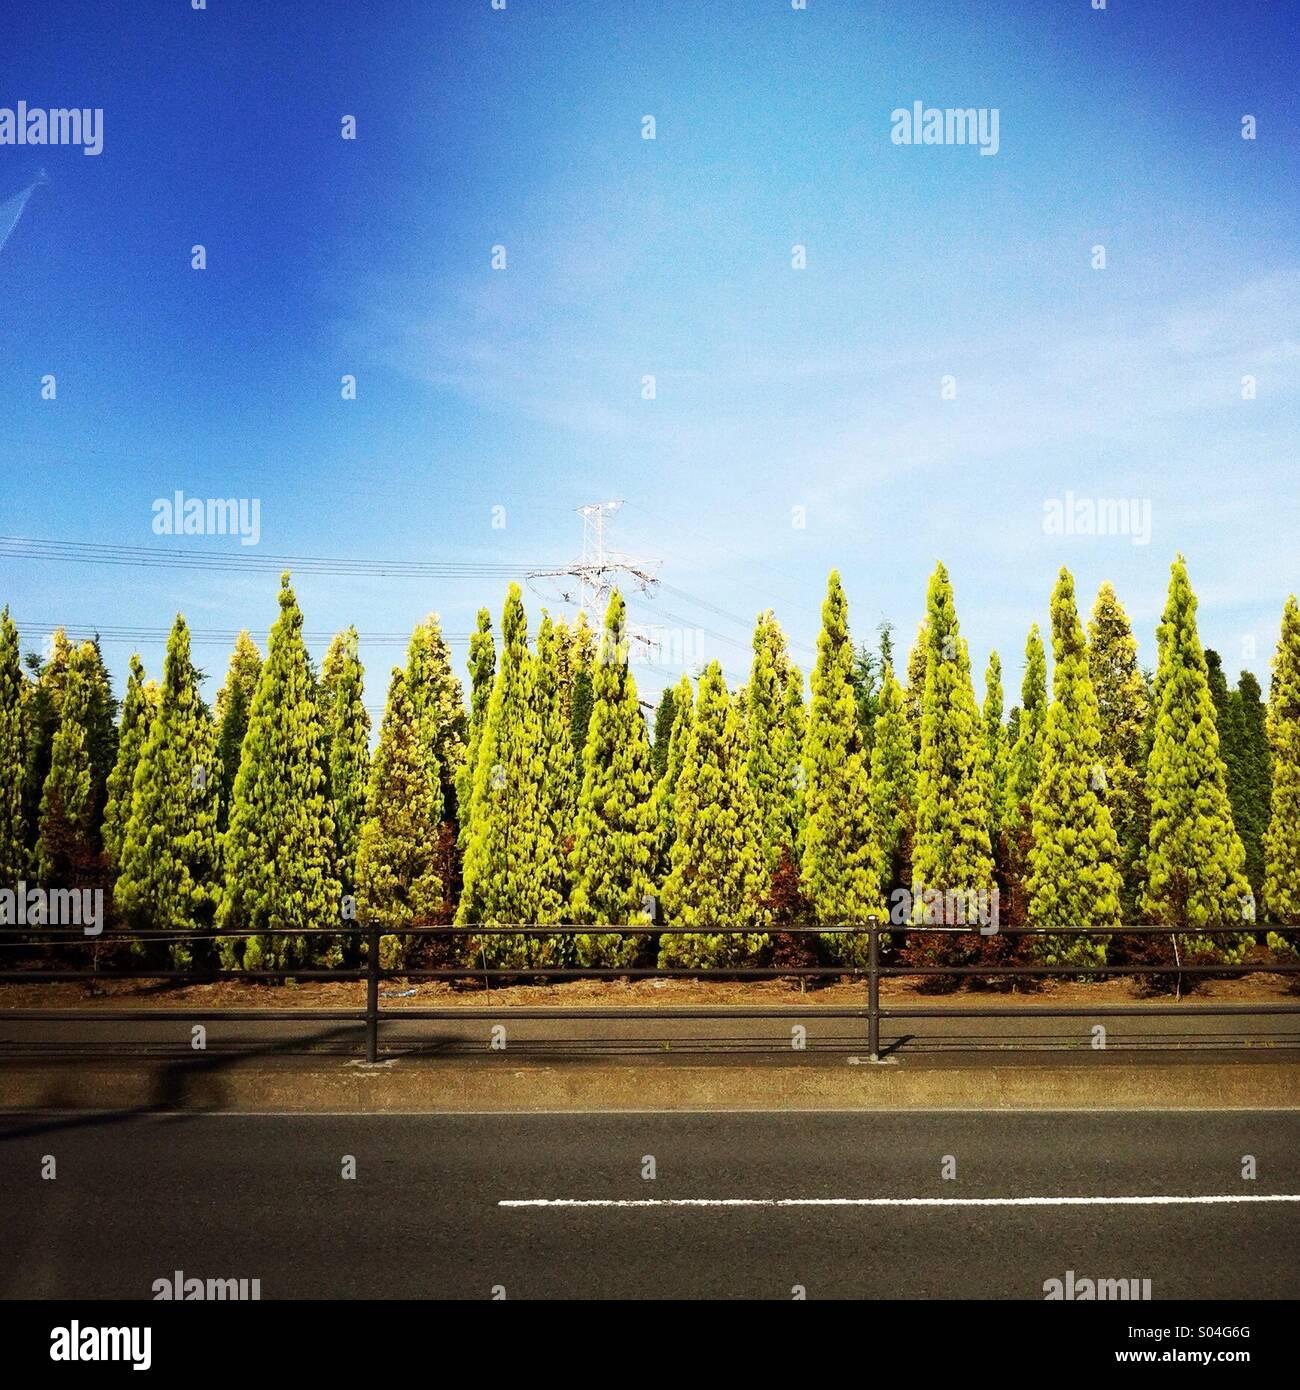 Trees alongside street in Ayase, Kanagawa prefecture, Japan. - Stock Image